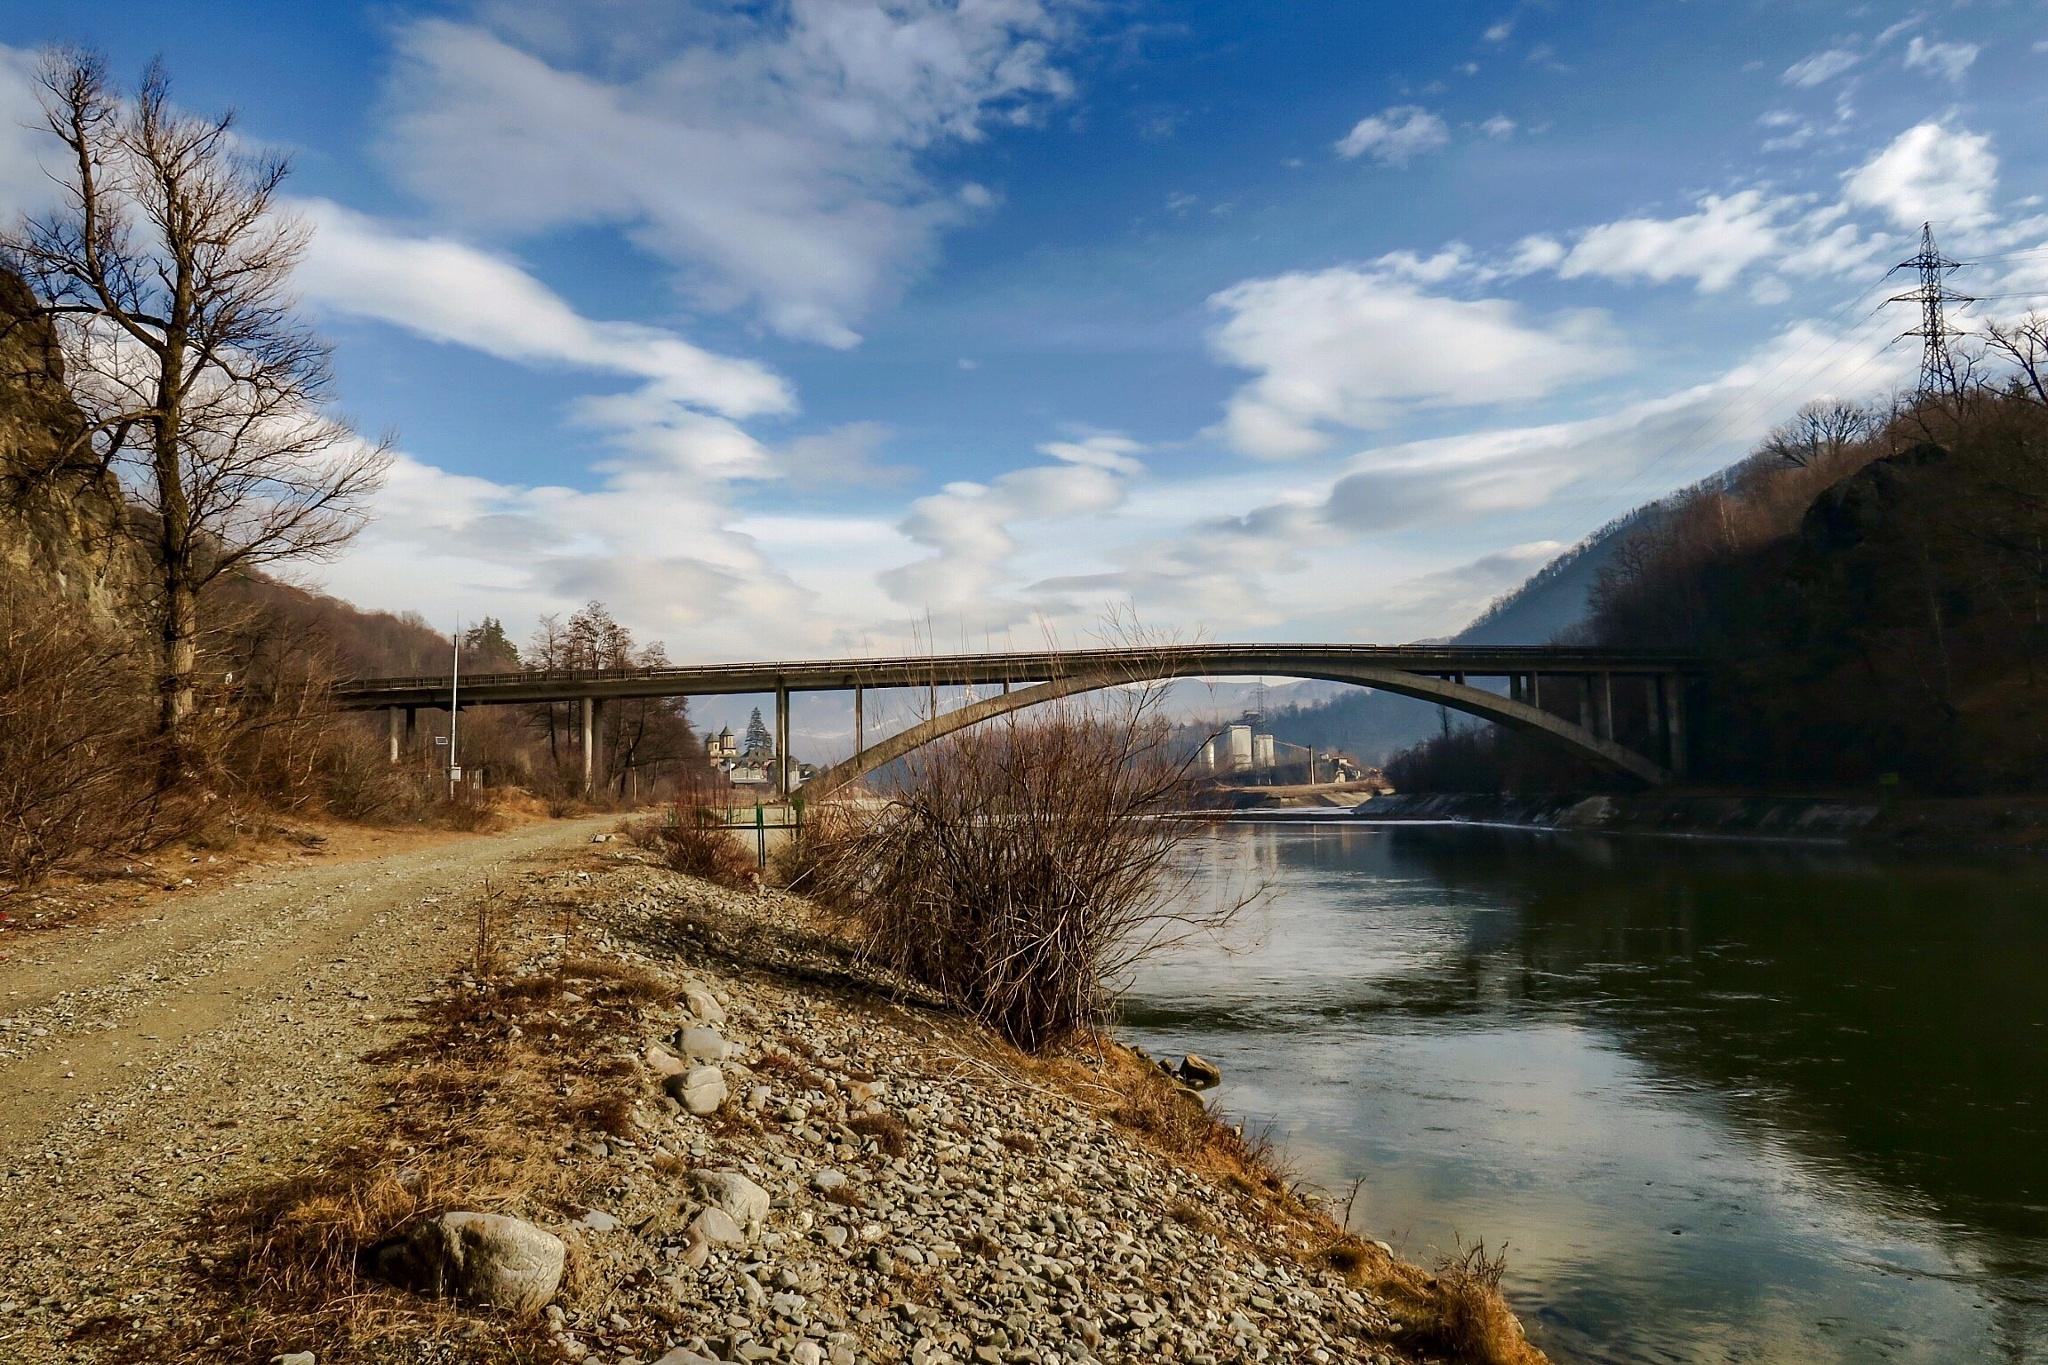 Bridge over Olt River 2 by Adi Gli